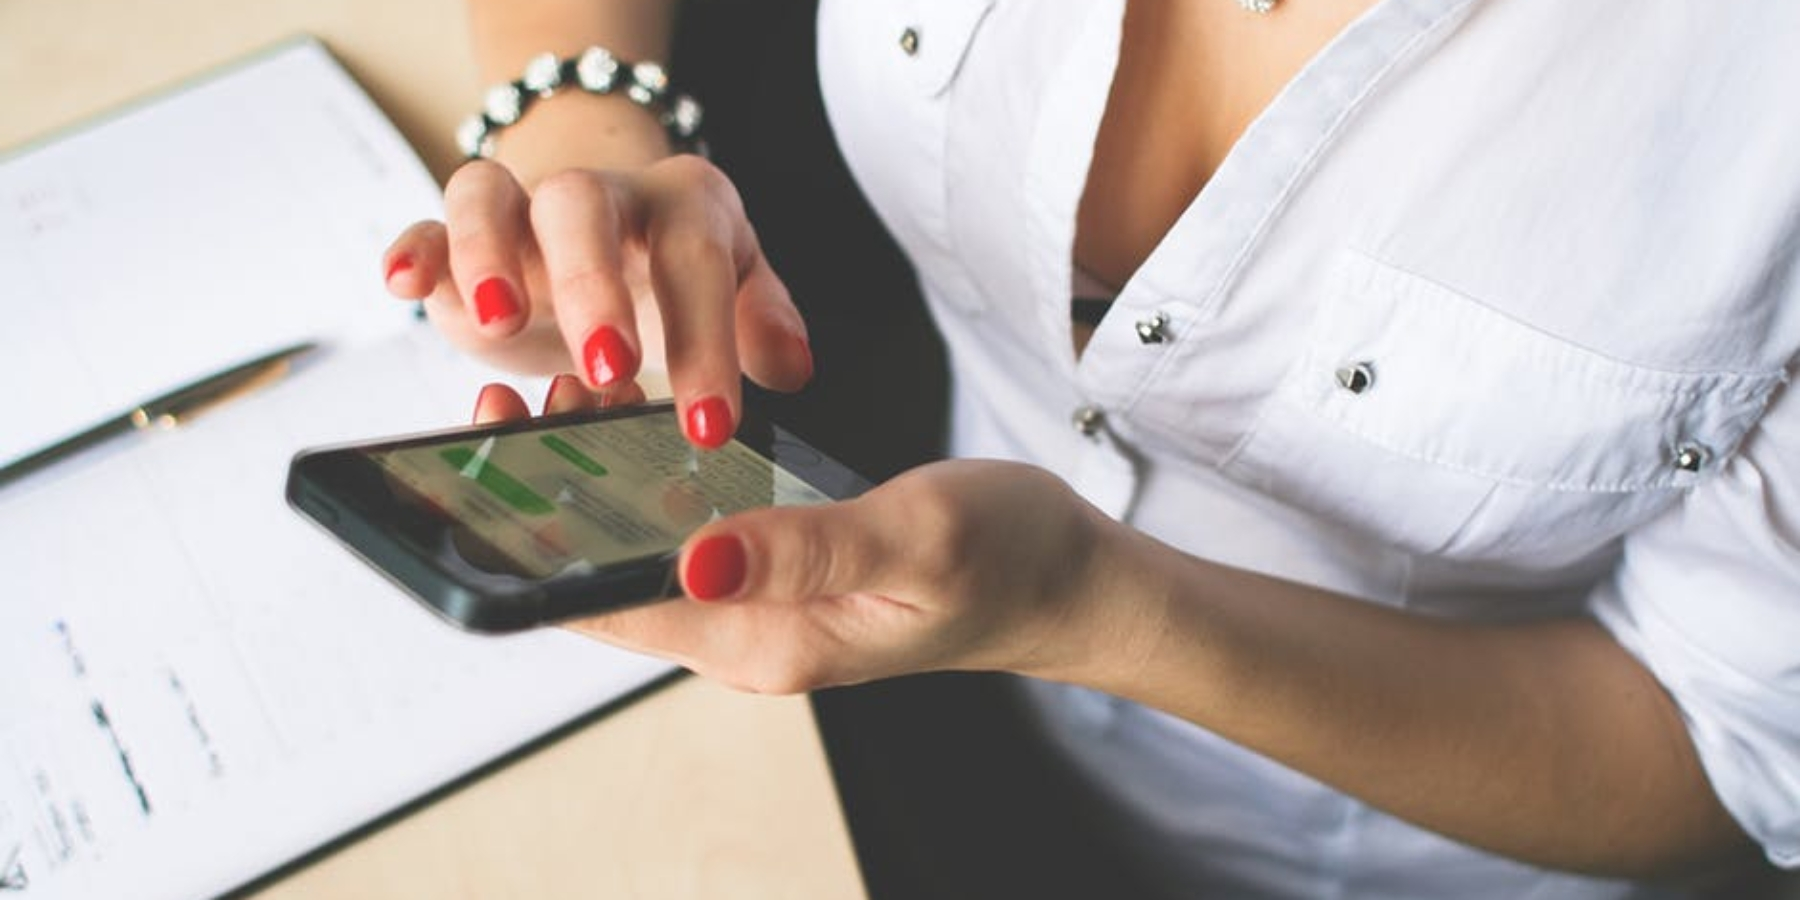 6 rzeczy wkreacji mailingu, naktóre musisz zwrócić uwagę